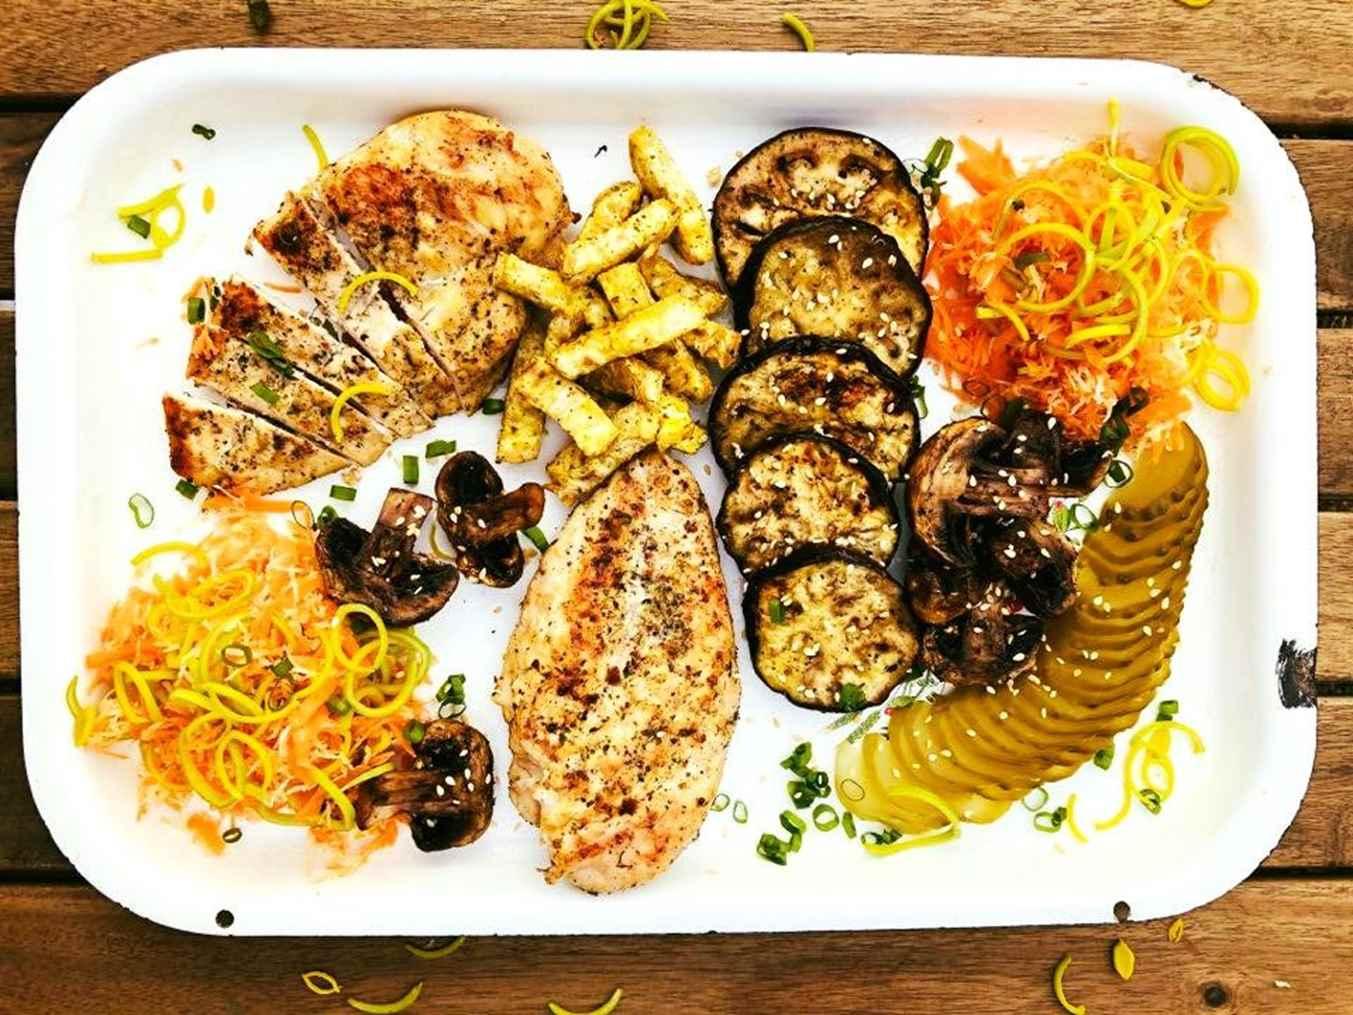 Pievagrybiai, baklažanai ir kitos daržovės, keptos ant griliaus